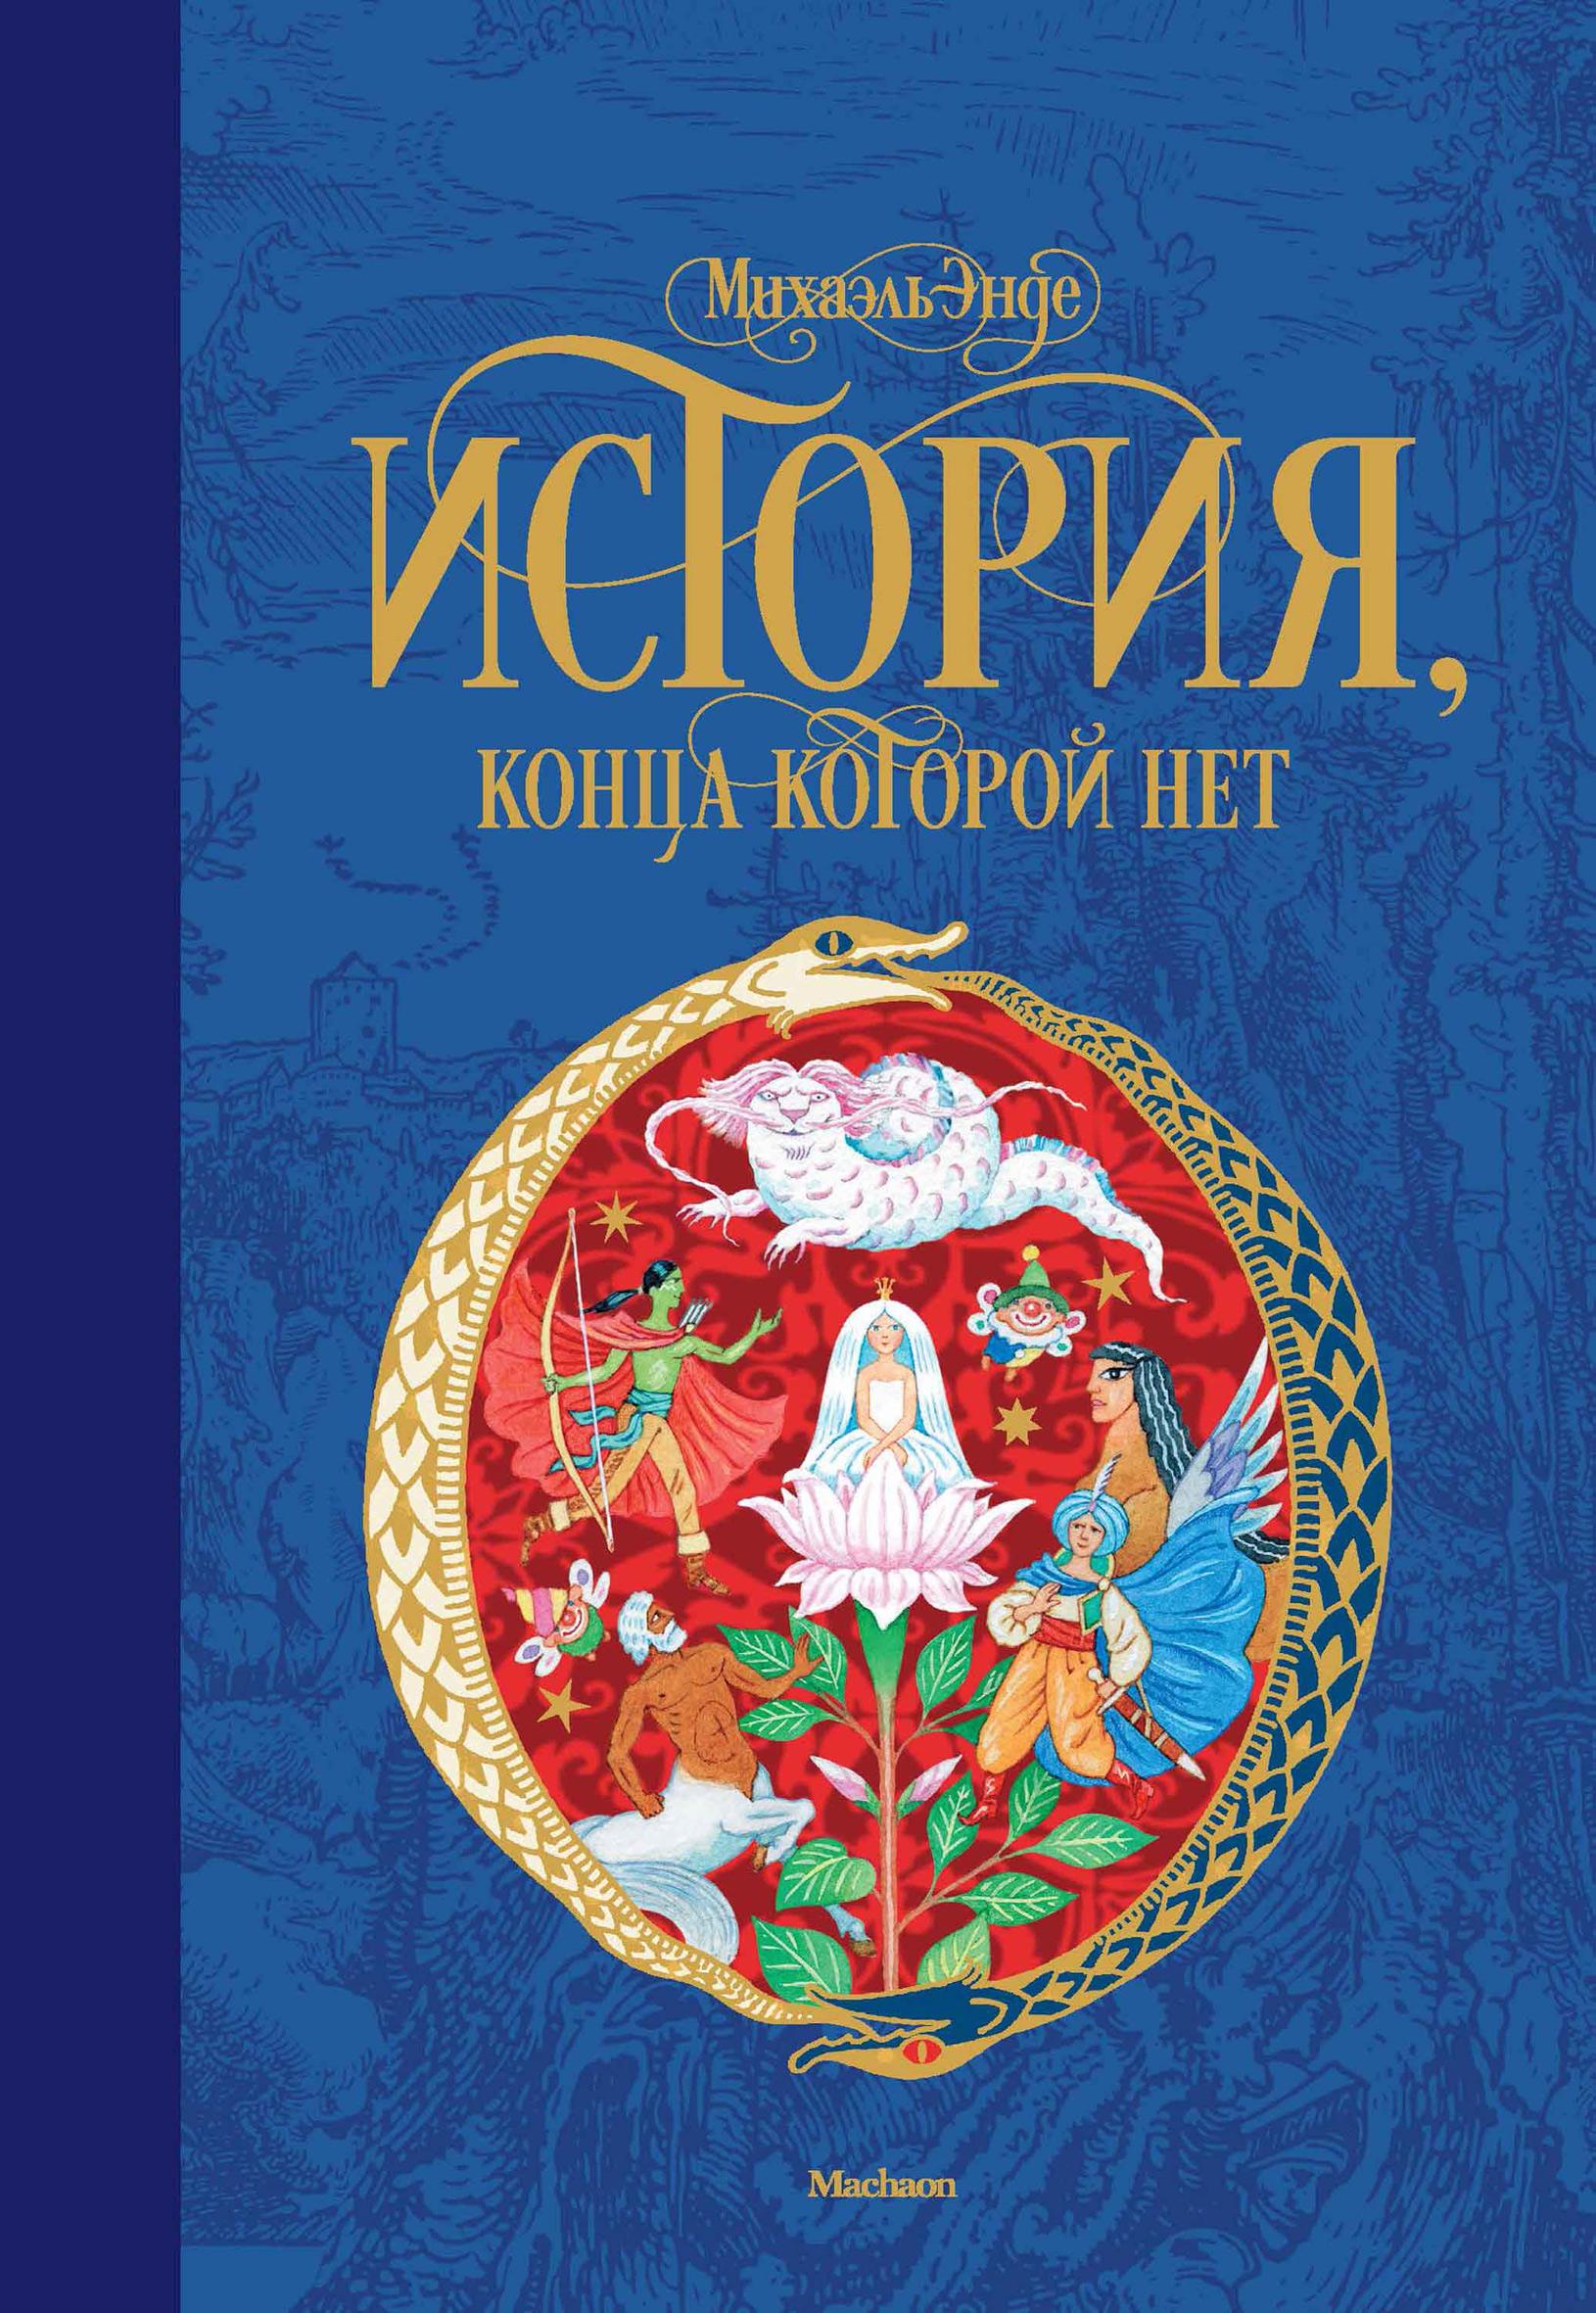 istoriya kontsa kotoroy net